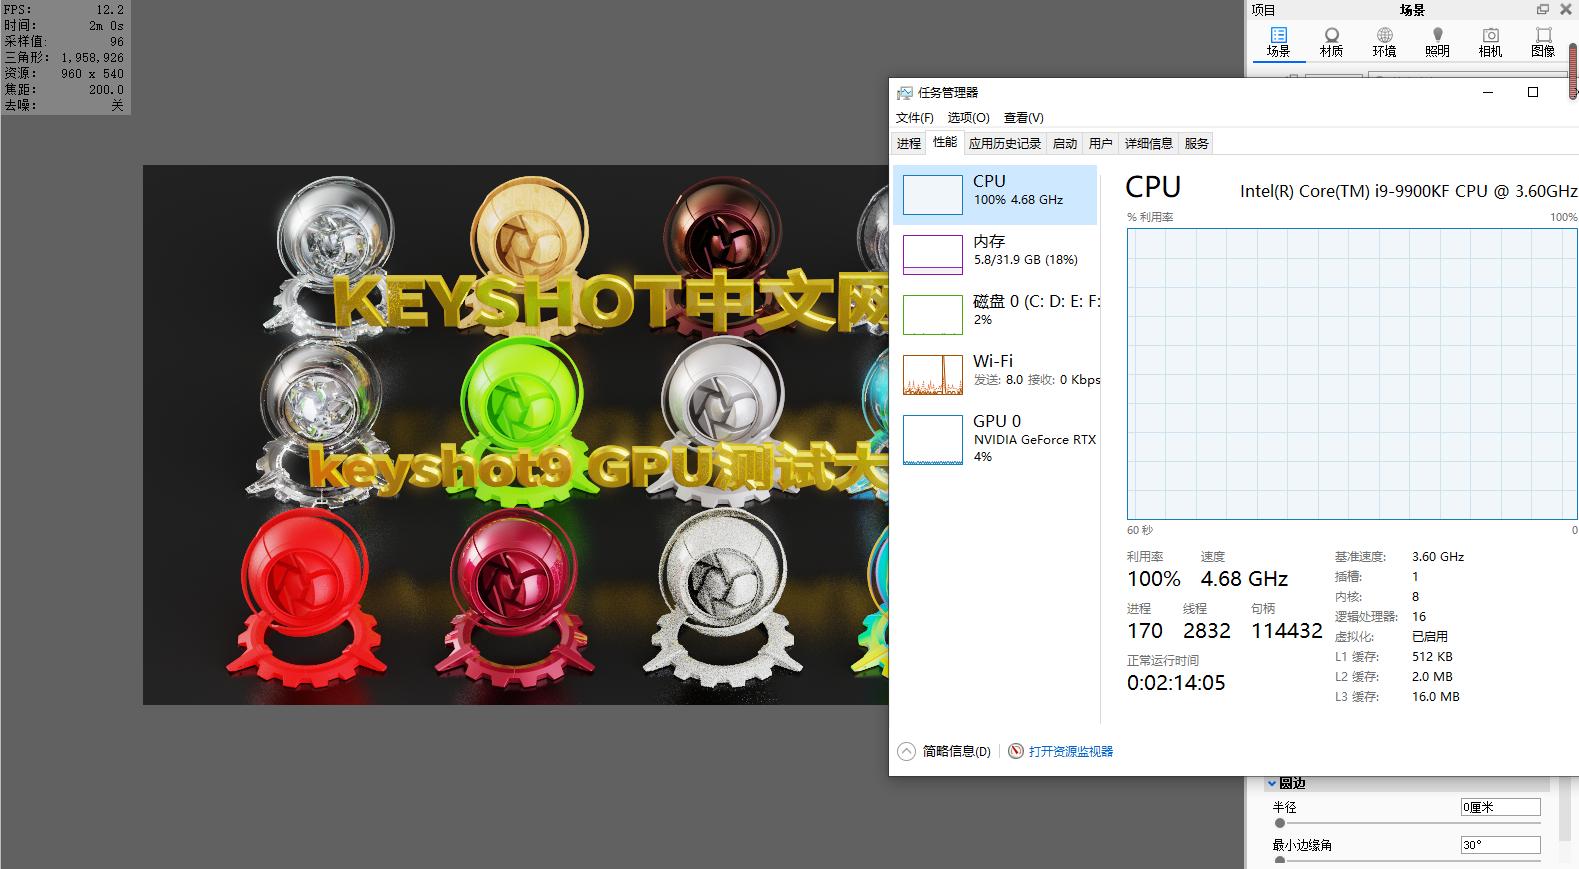 keyshot9 — i9 9900KF + RTX 2080SUPER 评测